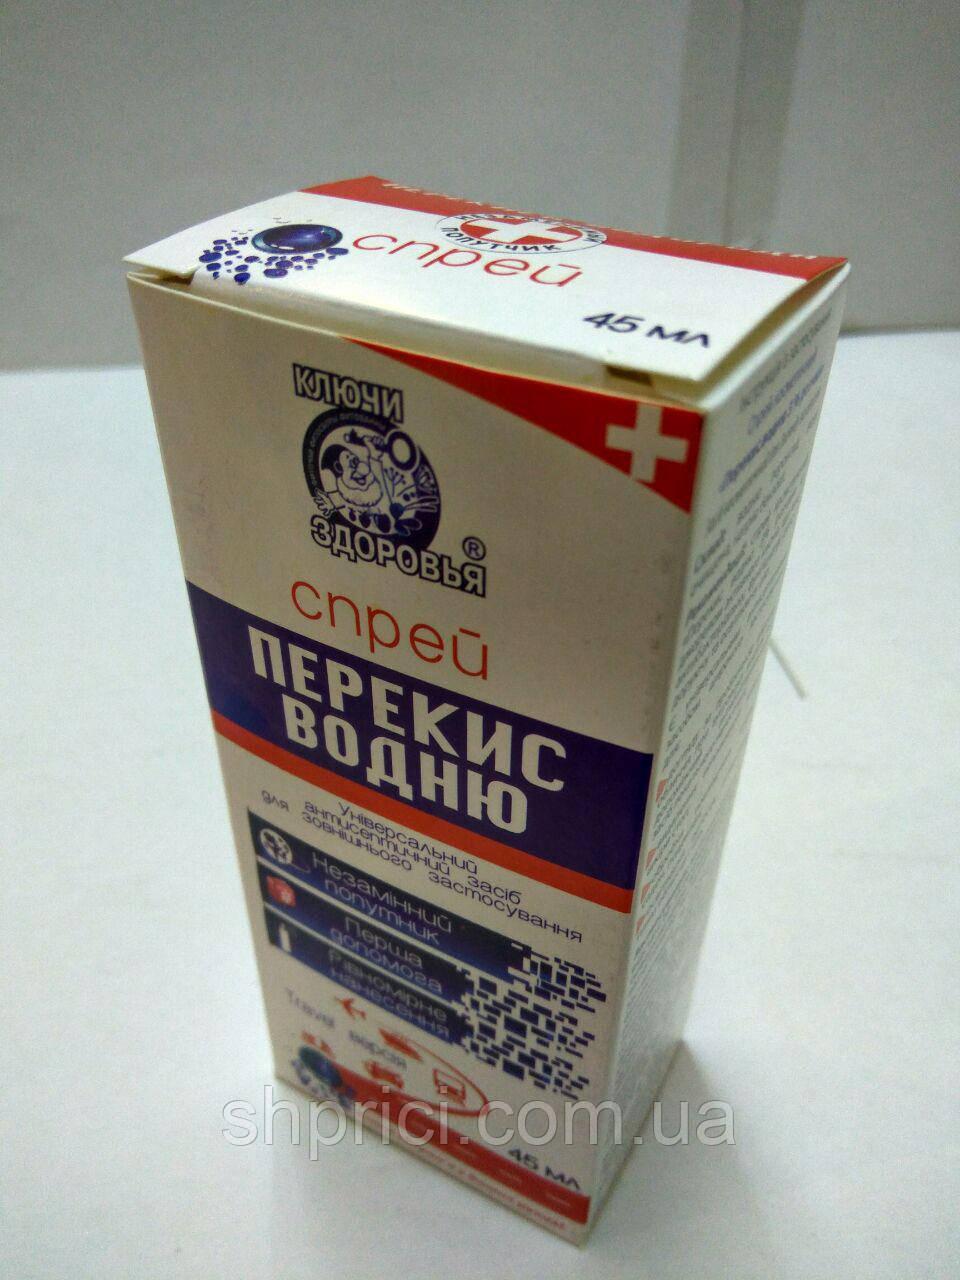 Спрей Перекись водорода 3%,  45мл / Ключи здоровья